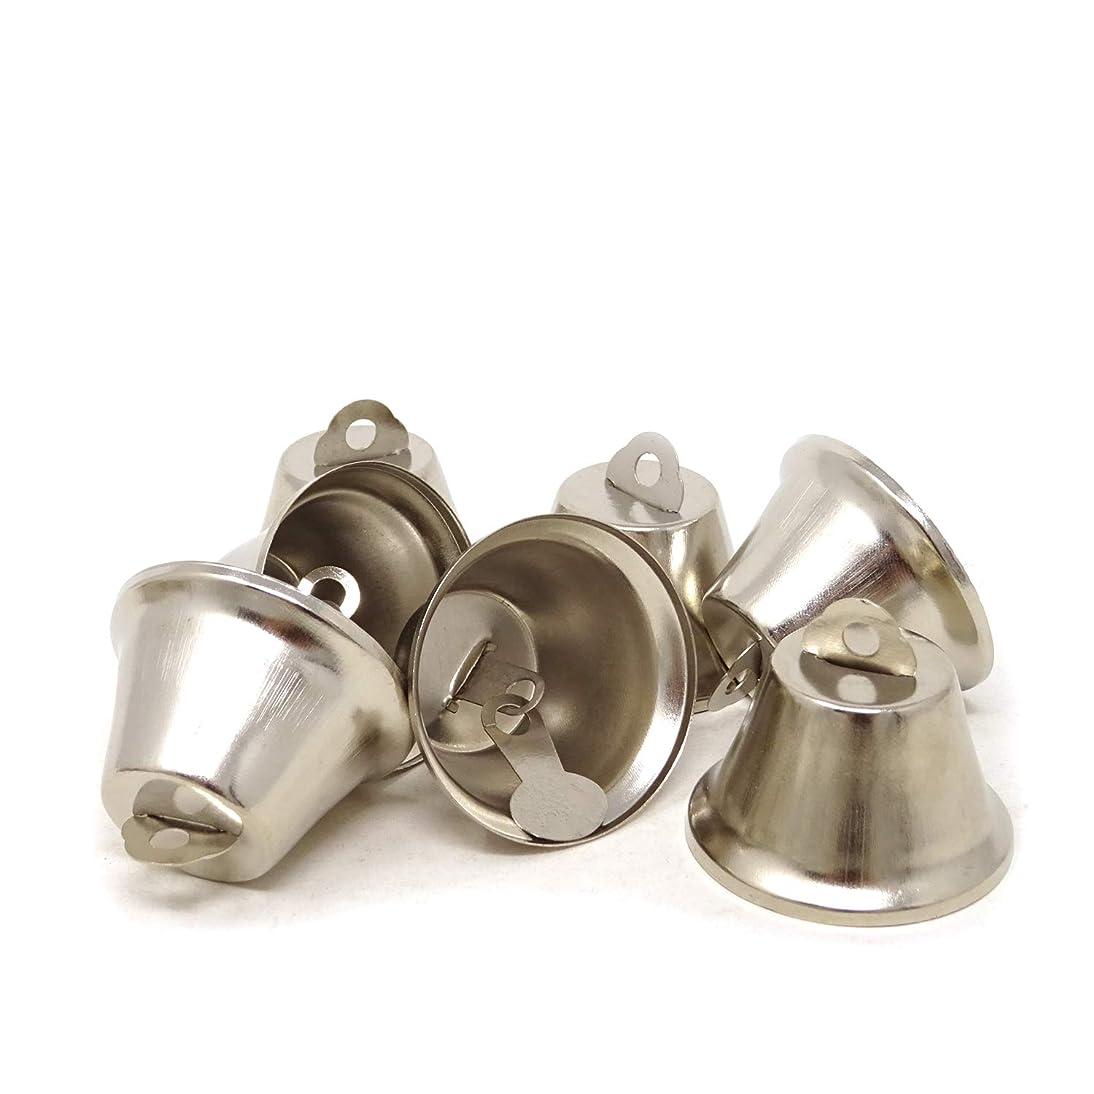 Honbay 20PCS 35mm/1.37inch Silver Jingle Bells Bridal Bells Decor Bells